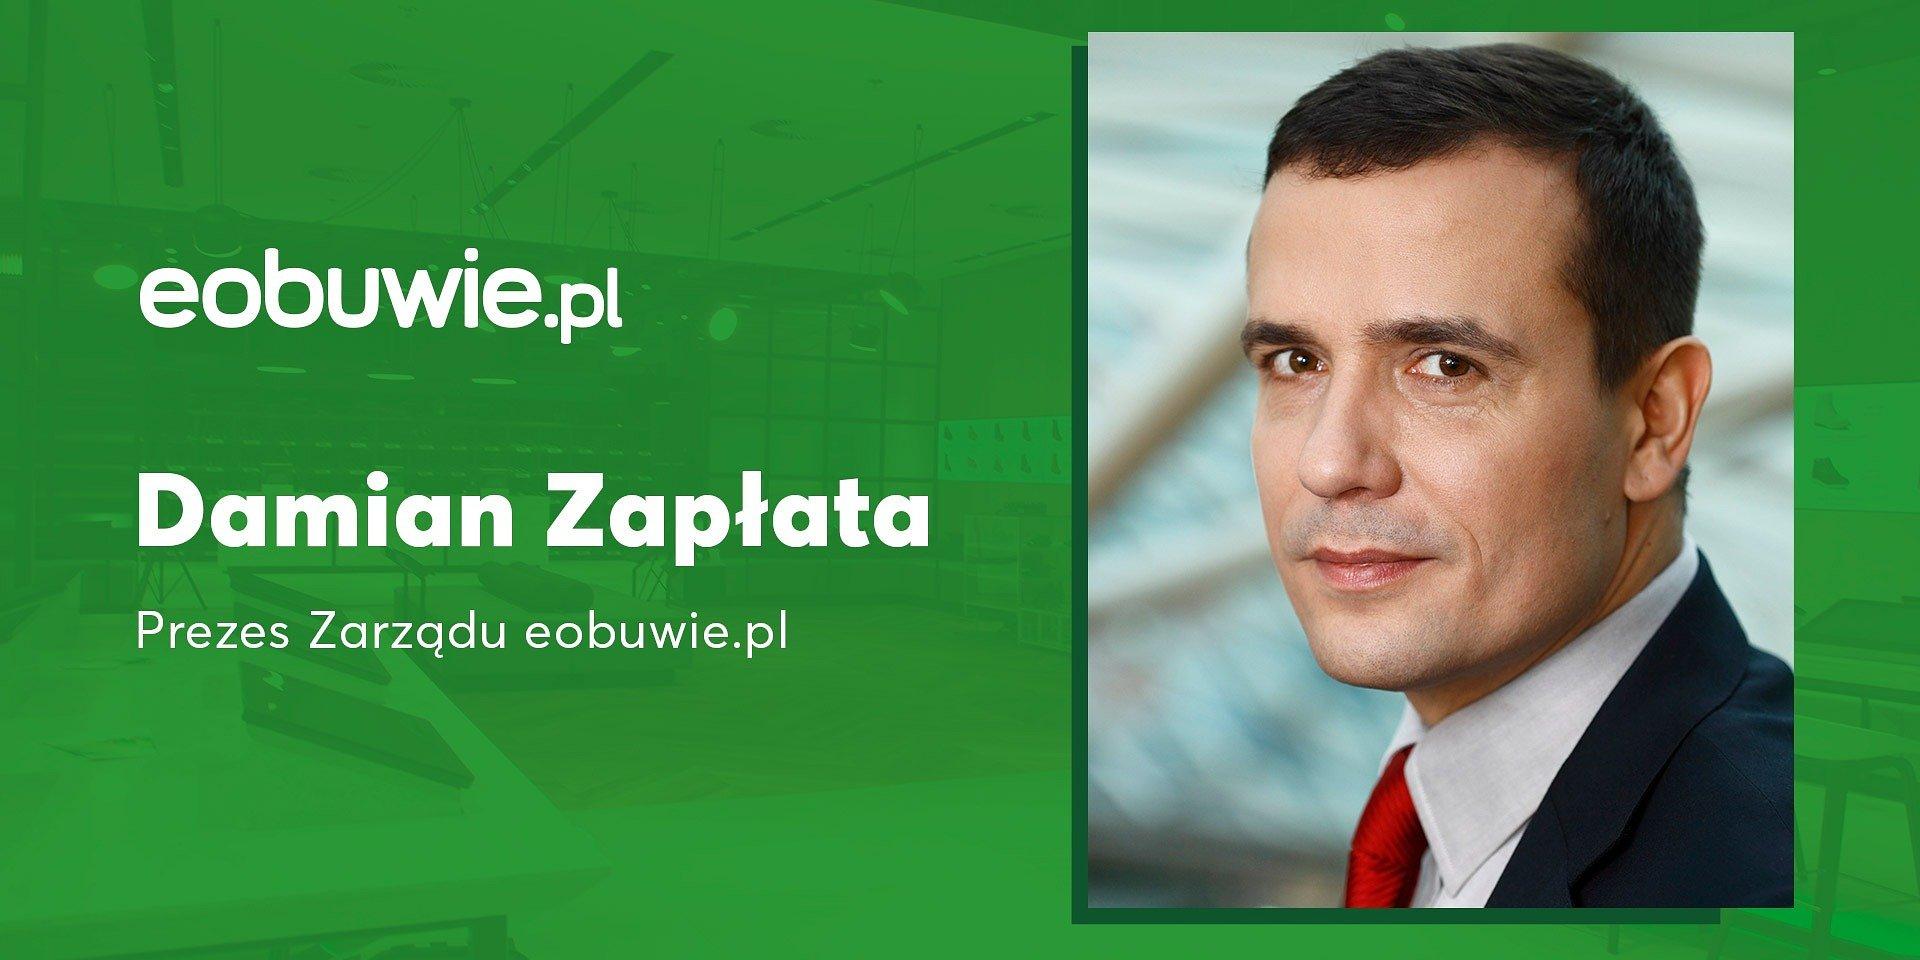 Damian Zapłata nowym Prezesem Zarządu Spółki eobuwie.pl. S.A.